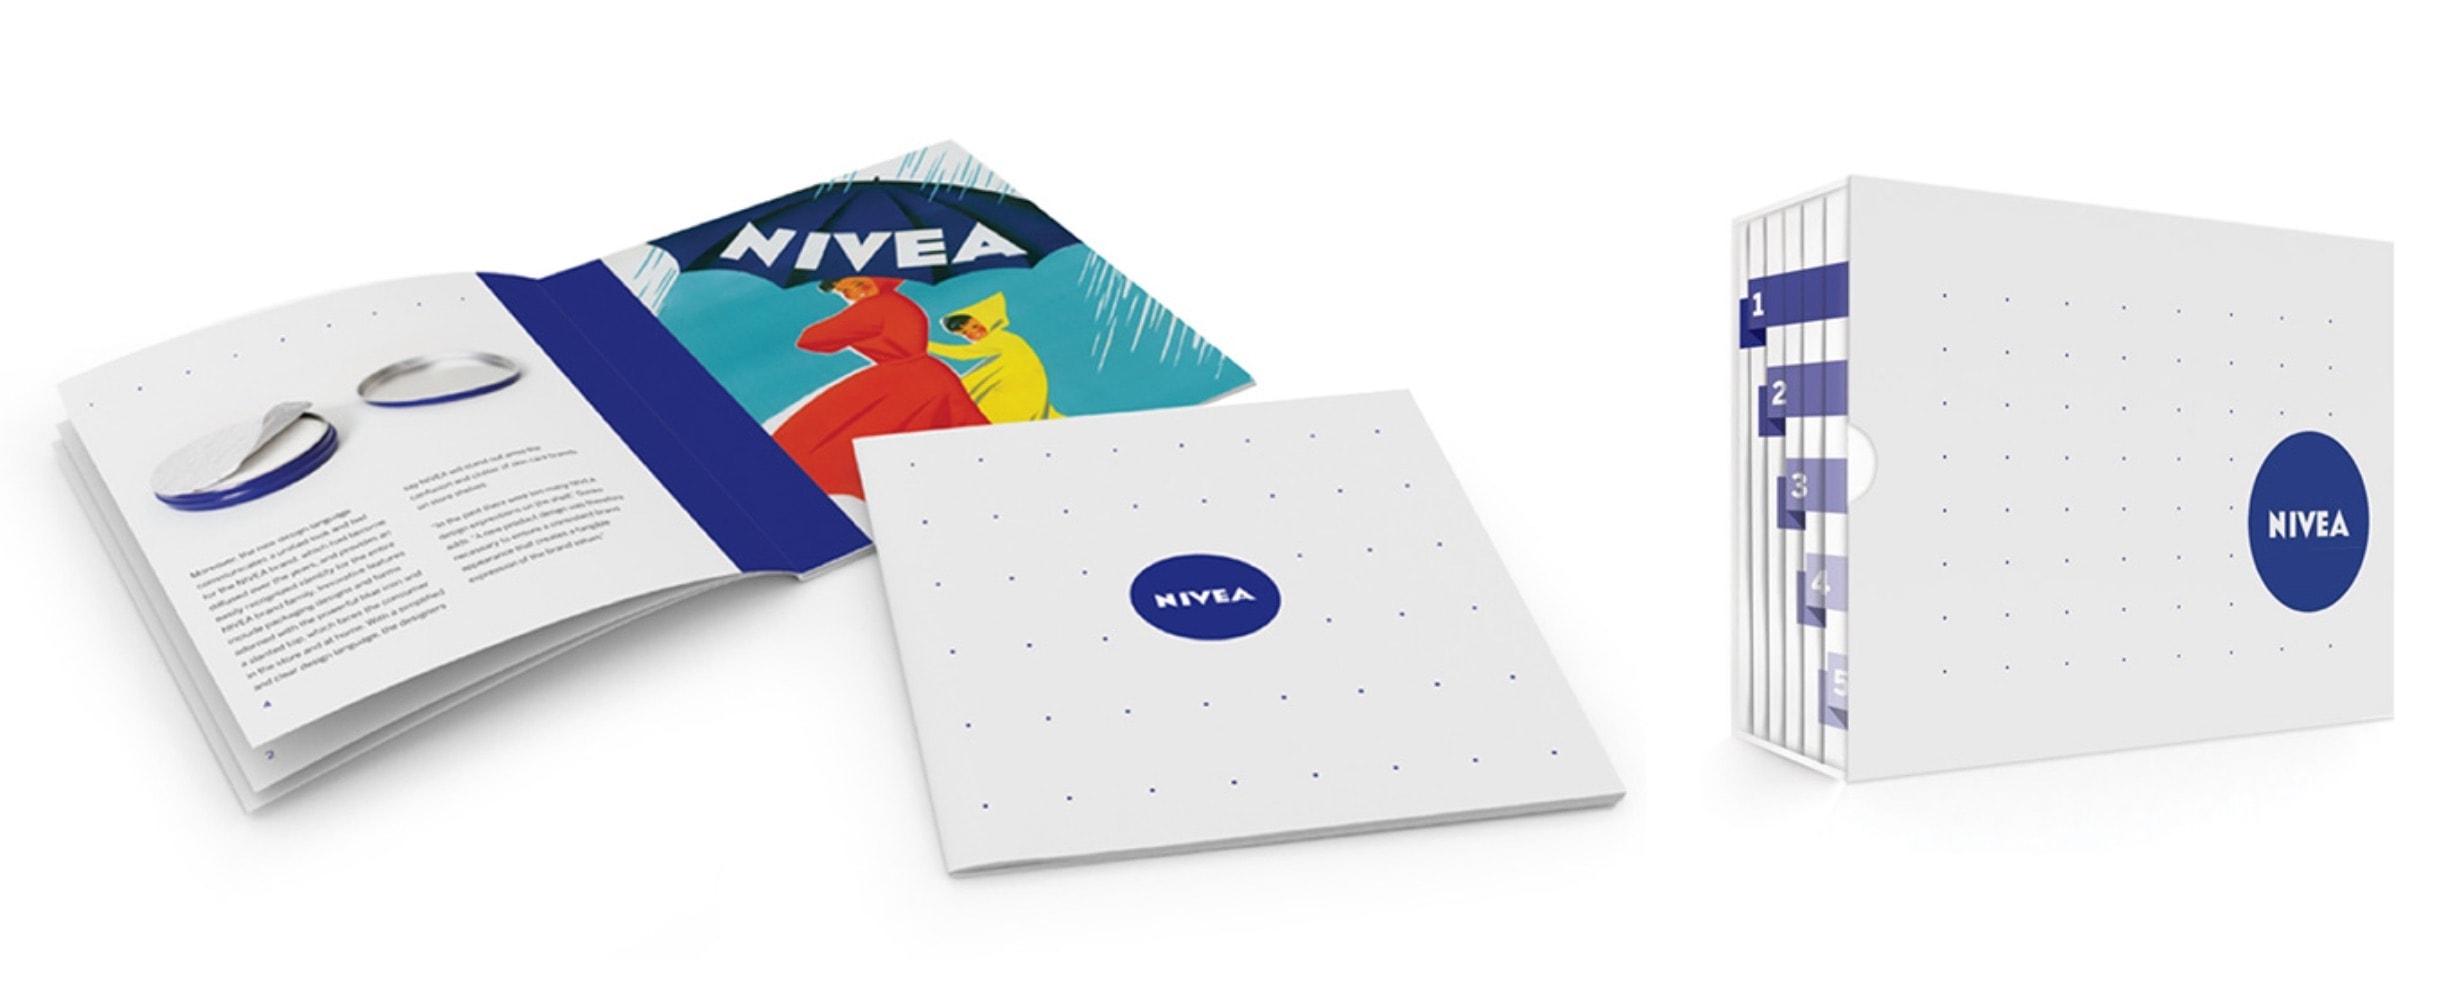 Brand-Identity-Design-Nivea